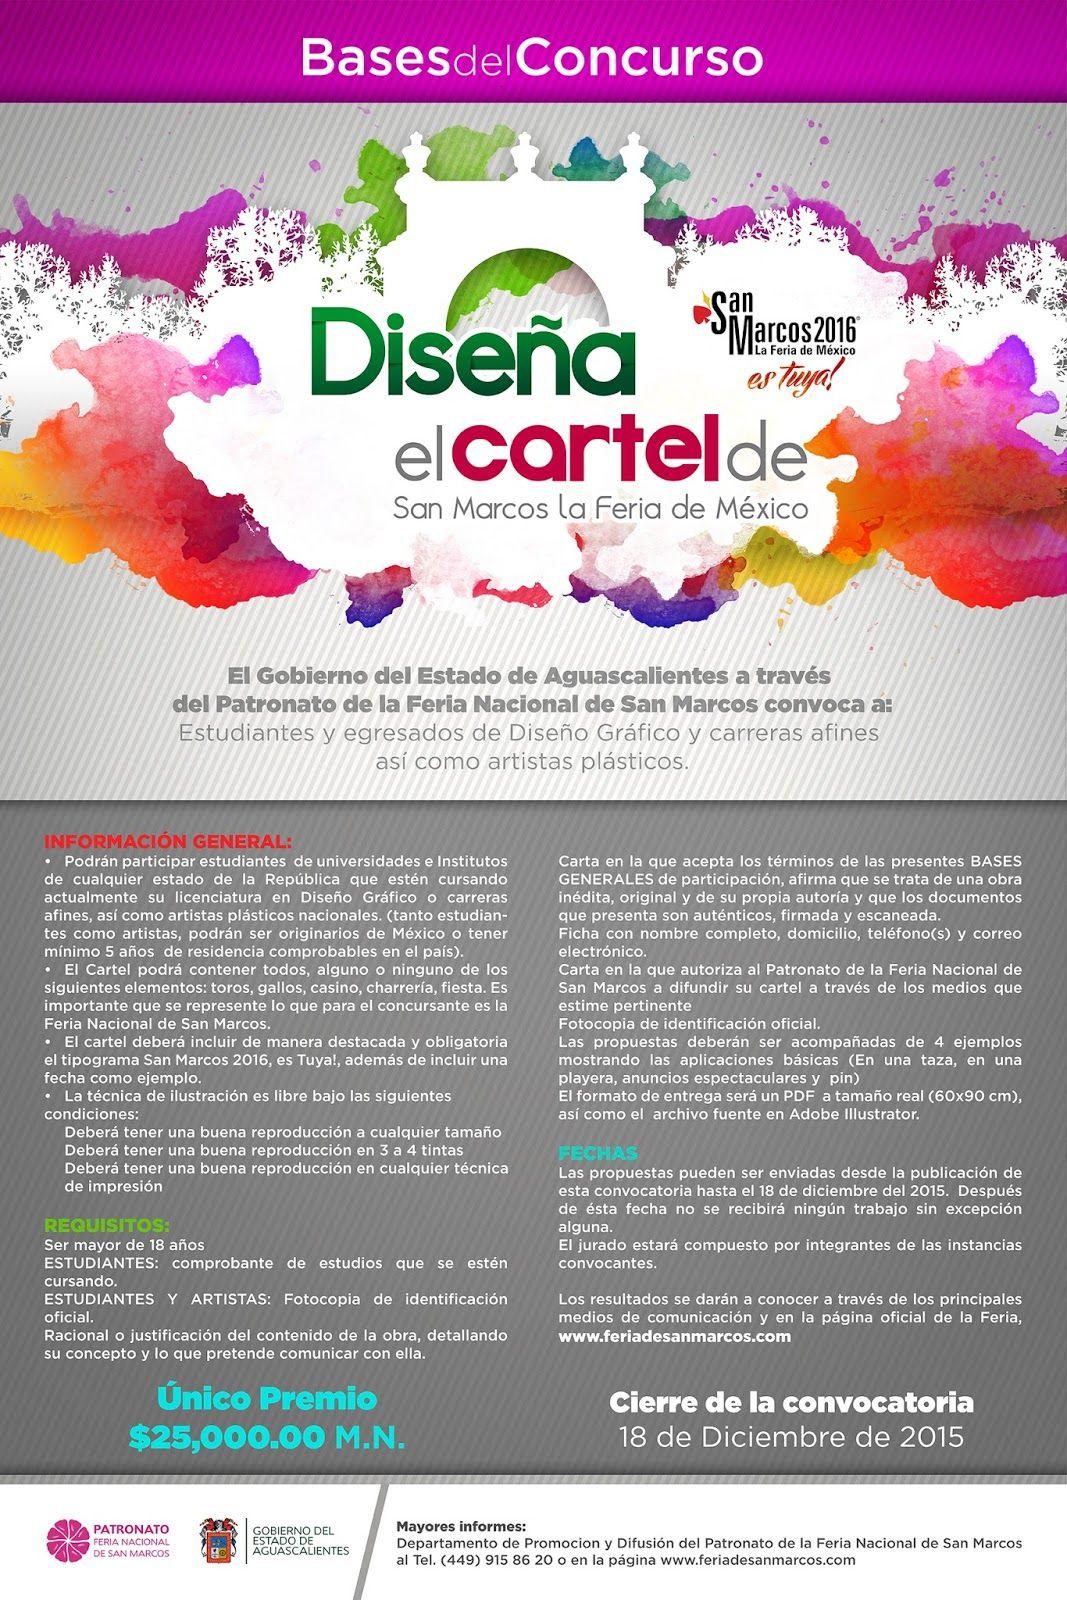 Convocatoria dise o de cartel feria san marcos 2016 for Convocatoria concurso de docentes 2016